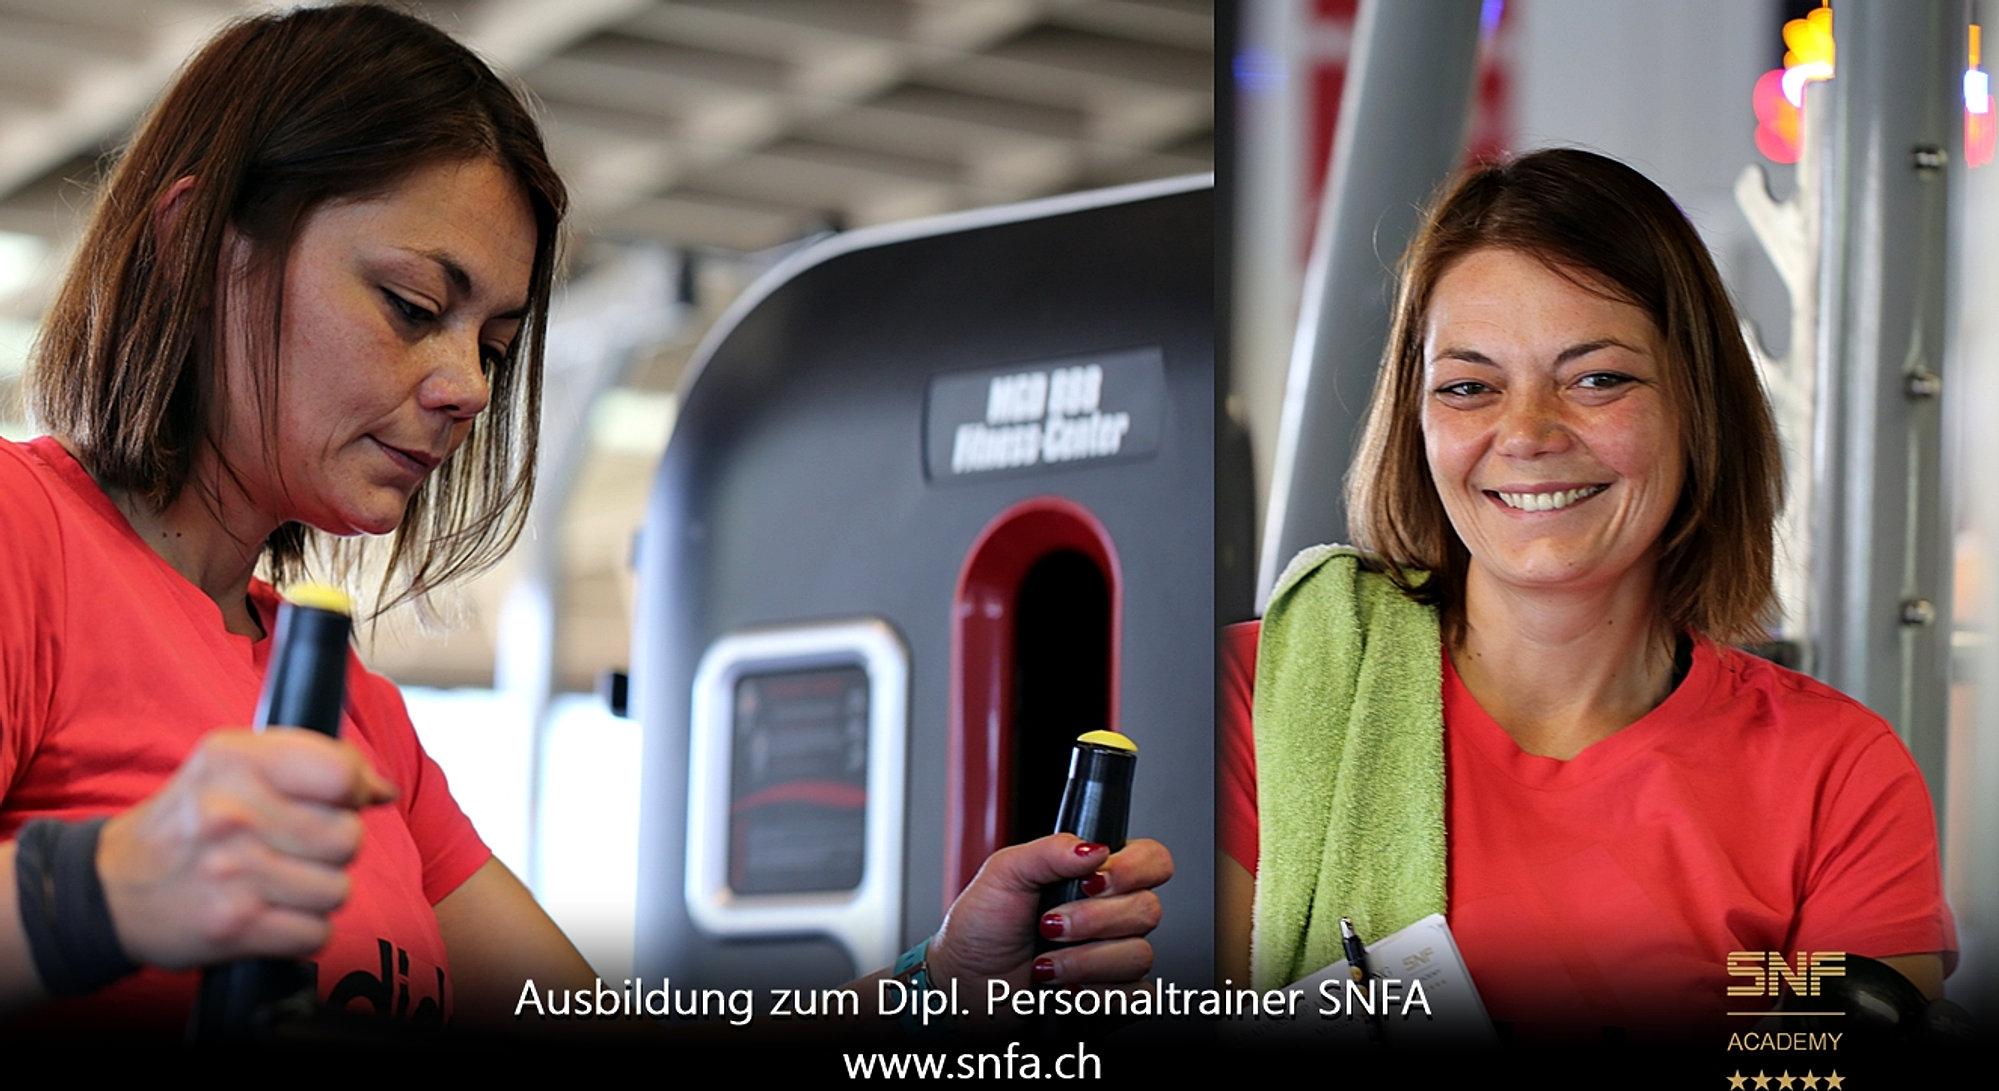 Ausbildung personaltrainer ausbildung fitnesstrainer schweiz for Ausbildung innenarchitektur schweiz